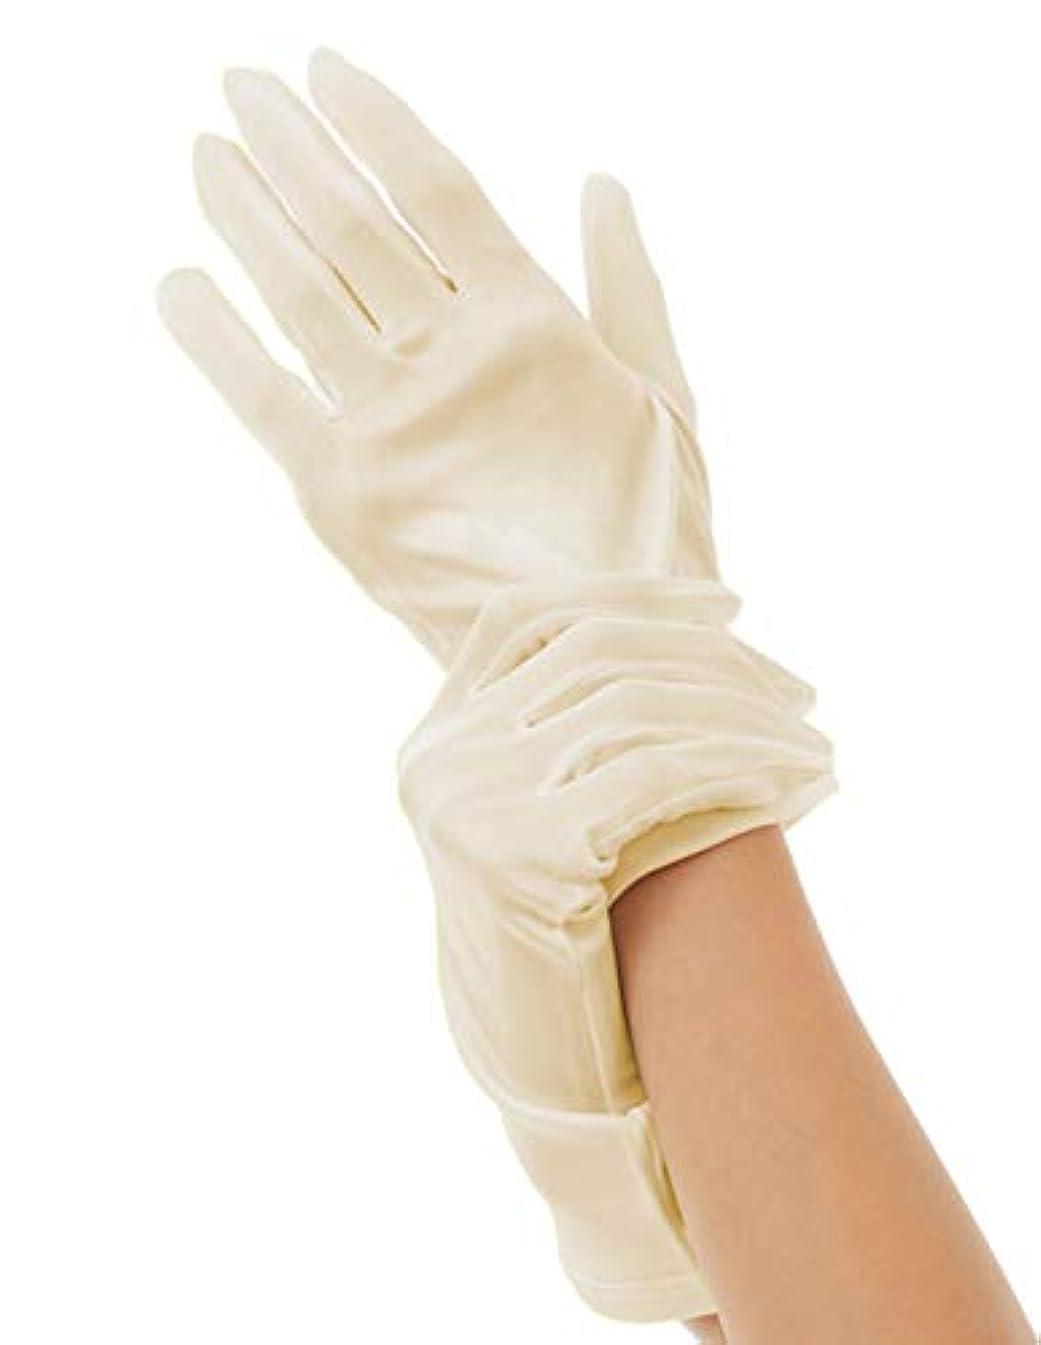 シリングトライアスロンマラソンハンドケア シルク 手袋 Silk 100% おやすみ スキンケア グローブ うるおい 保湿 ひび あかぎれ 保護 上質な天然素材 (M, ライトベージュ)